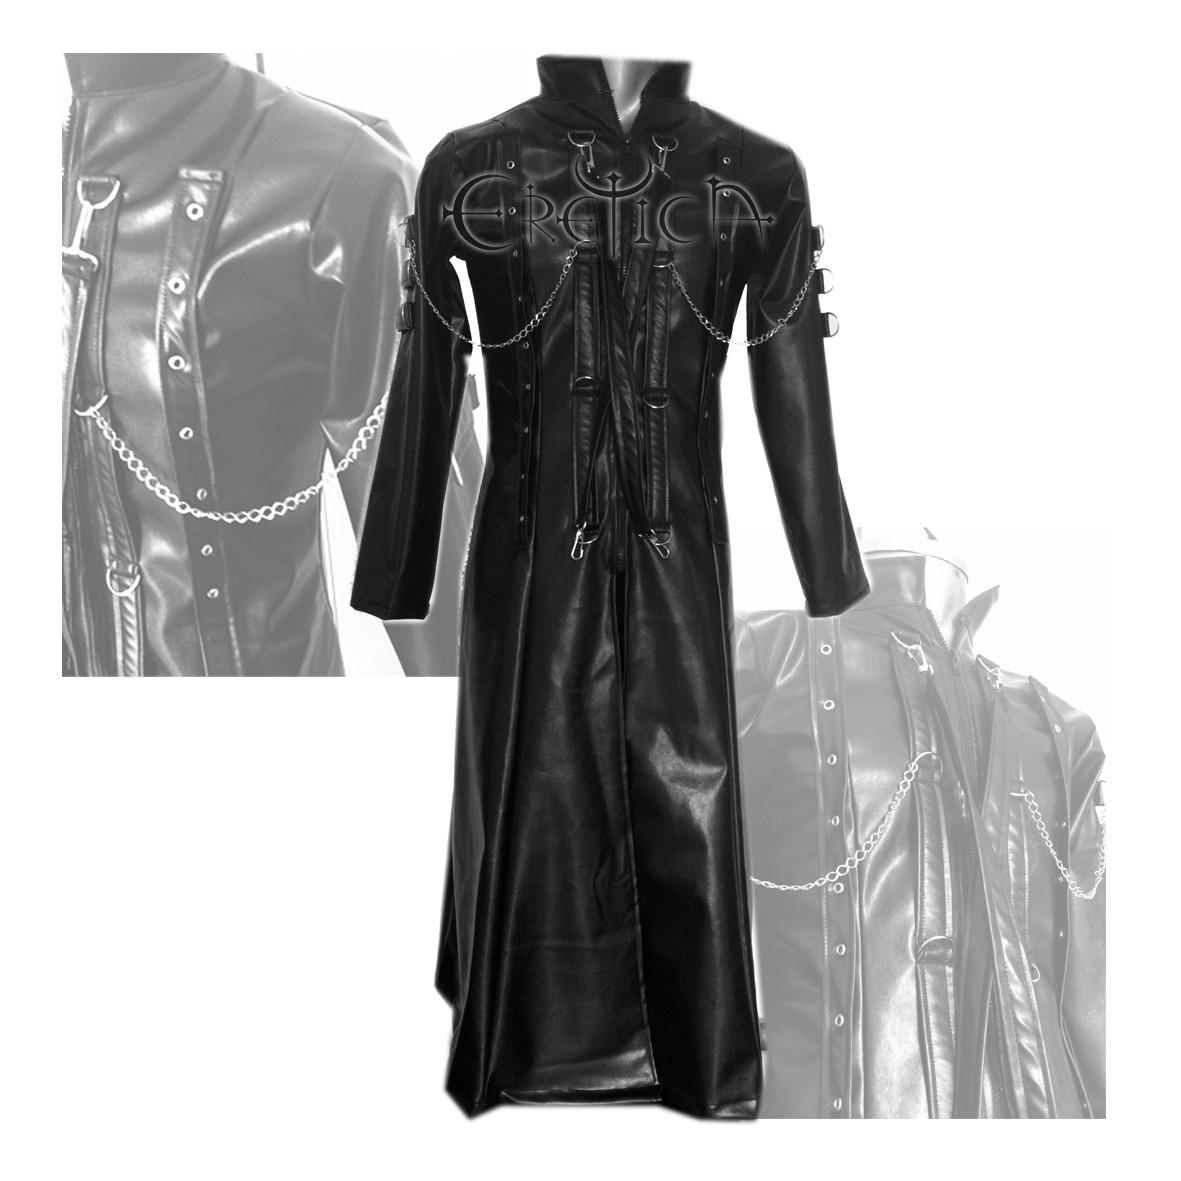 a9b48dac3a837 eretica ropa dark- gabardina vinipiel cadenas-gotico-metal. Cargando zoom.